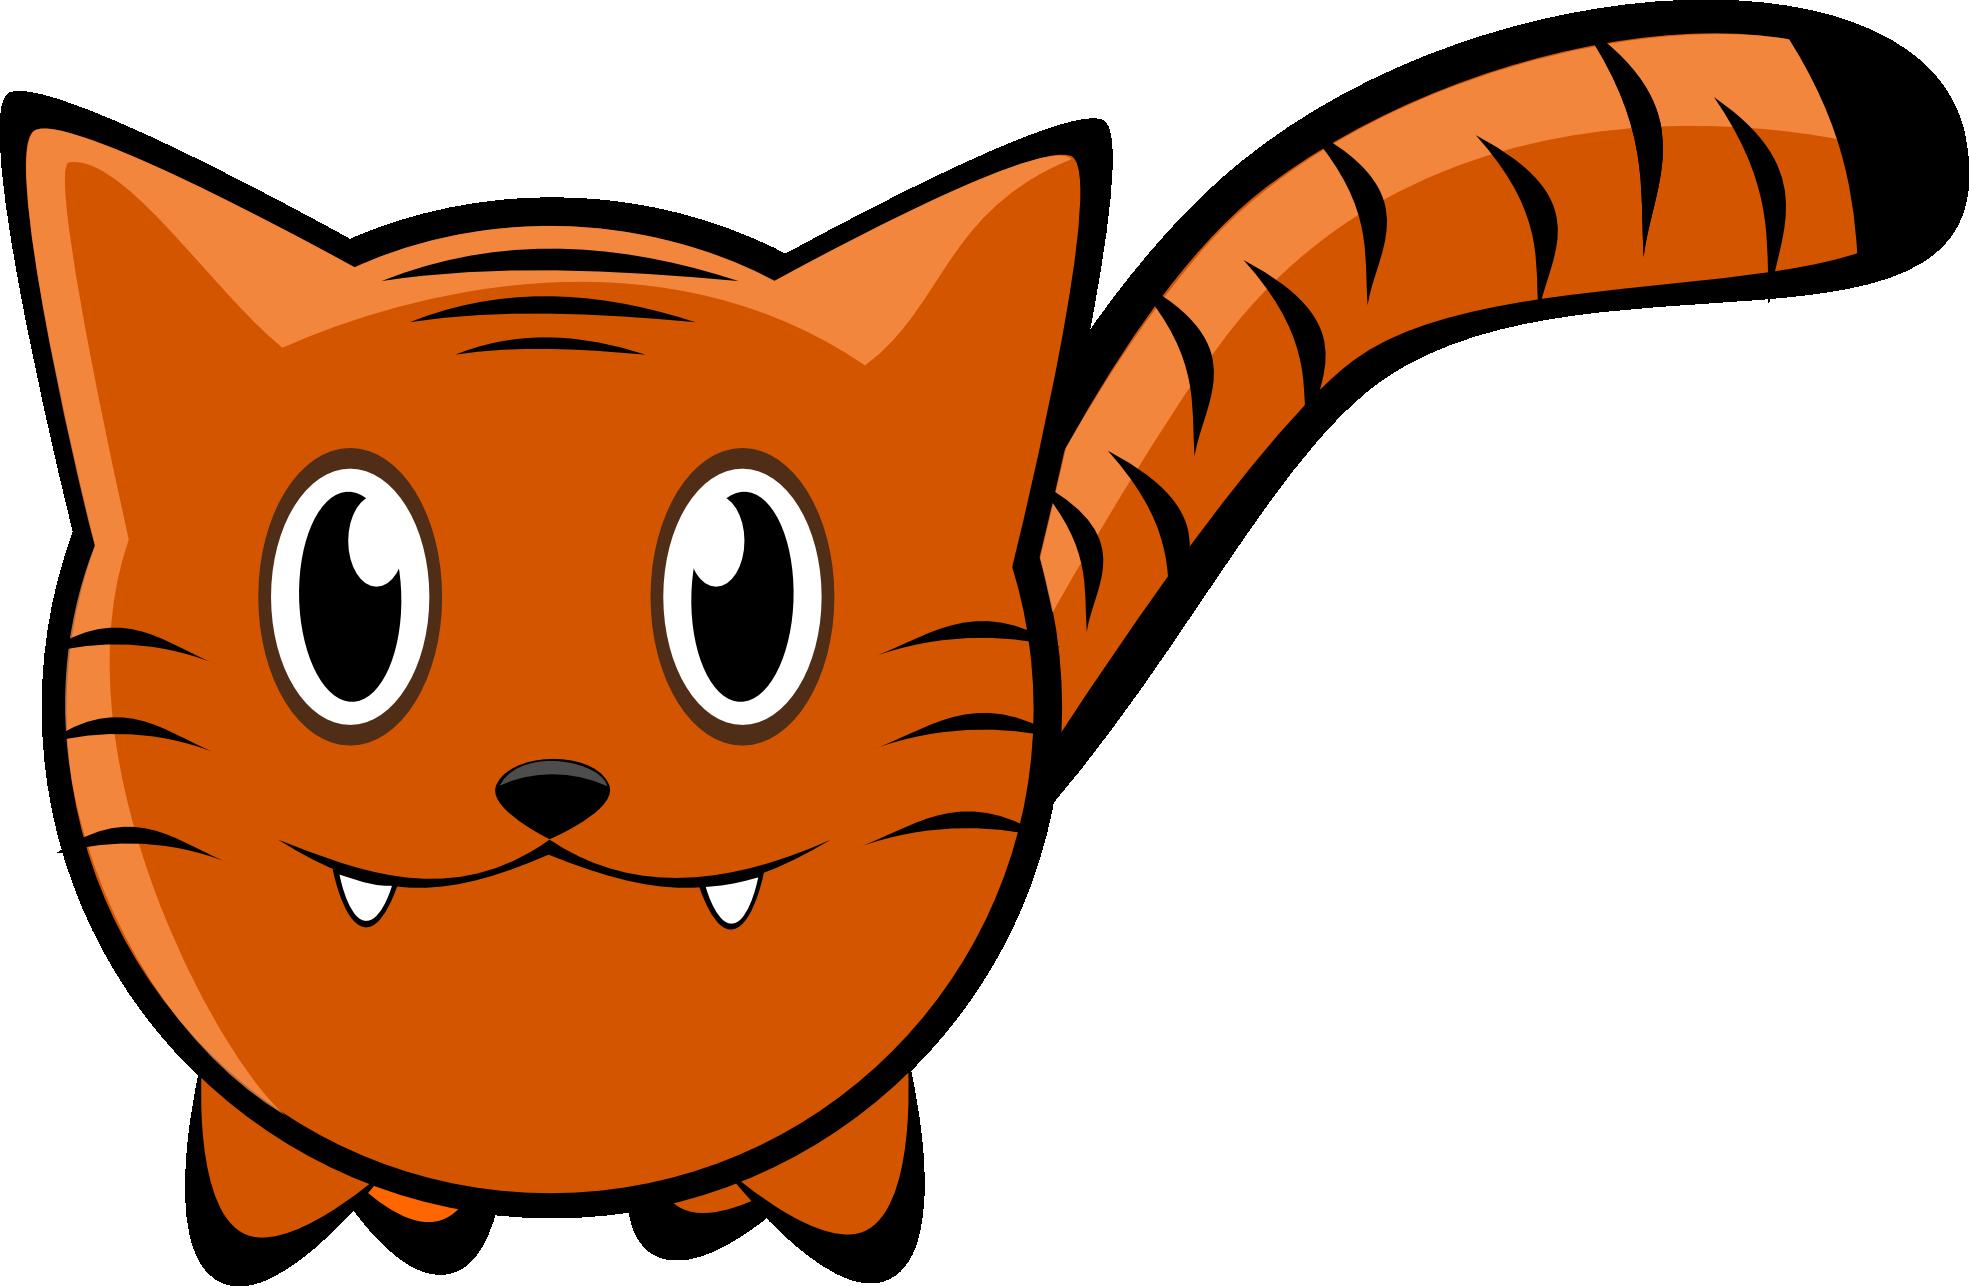 microsoft clip art tiger - photo #5